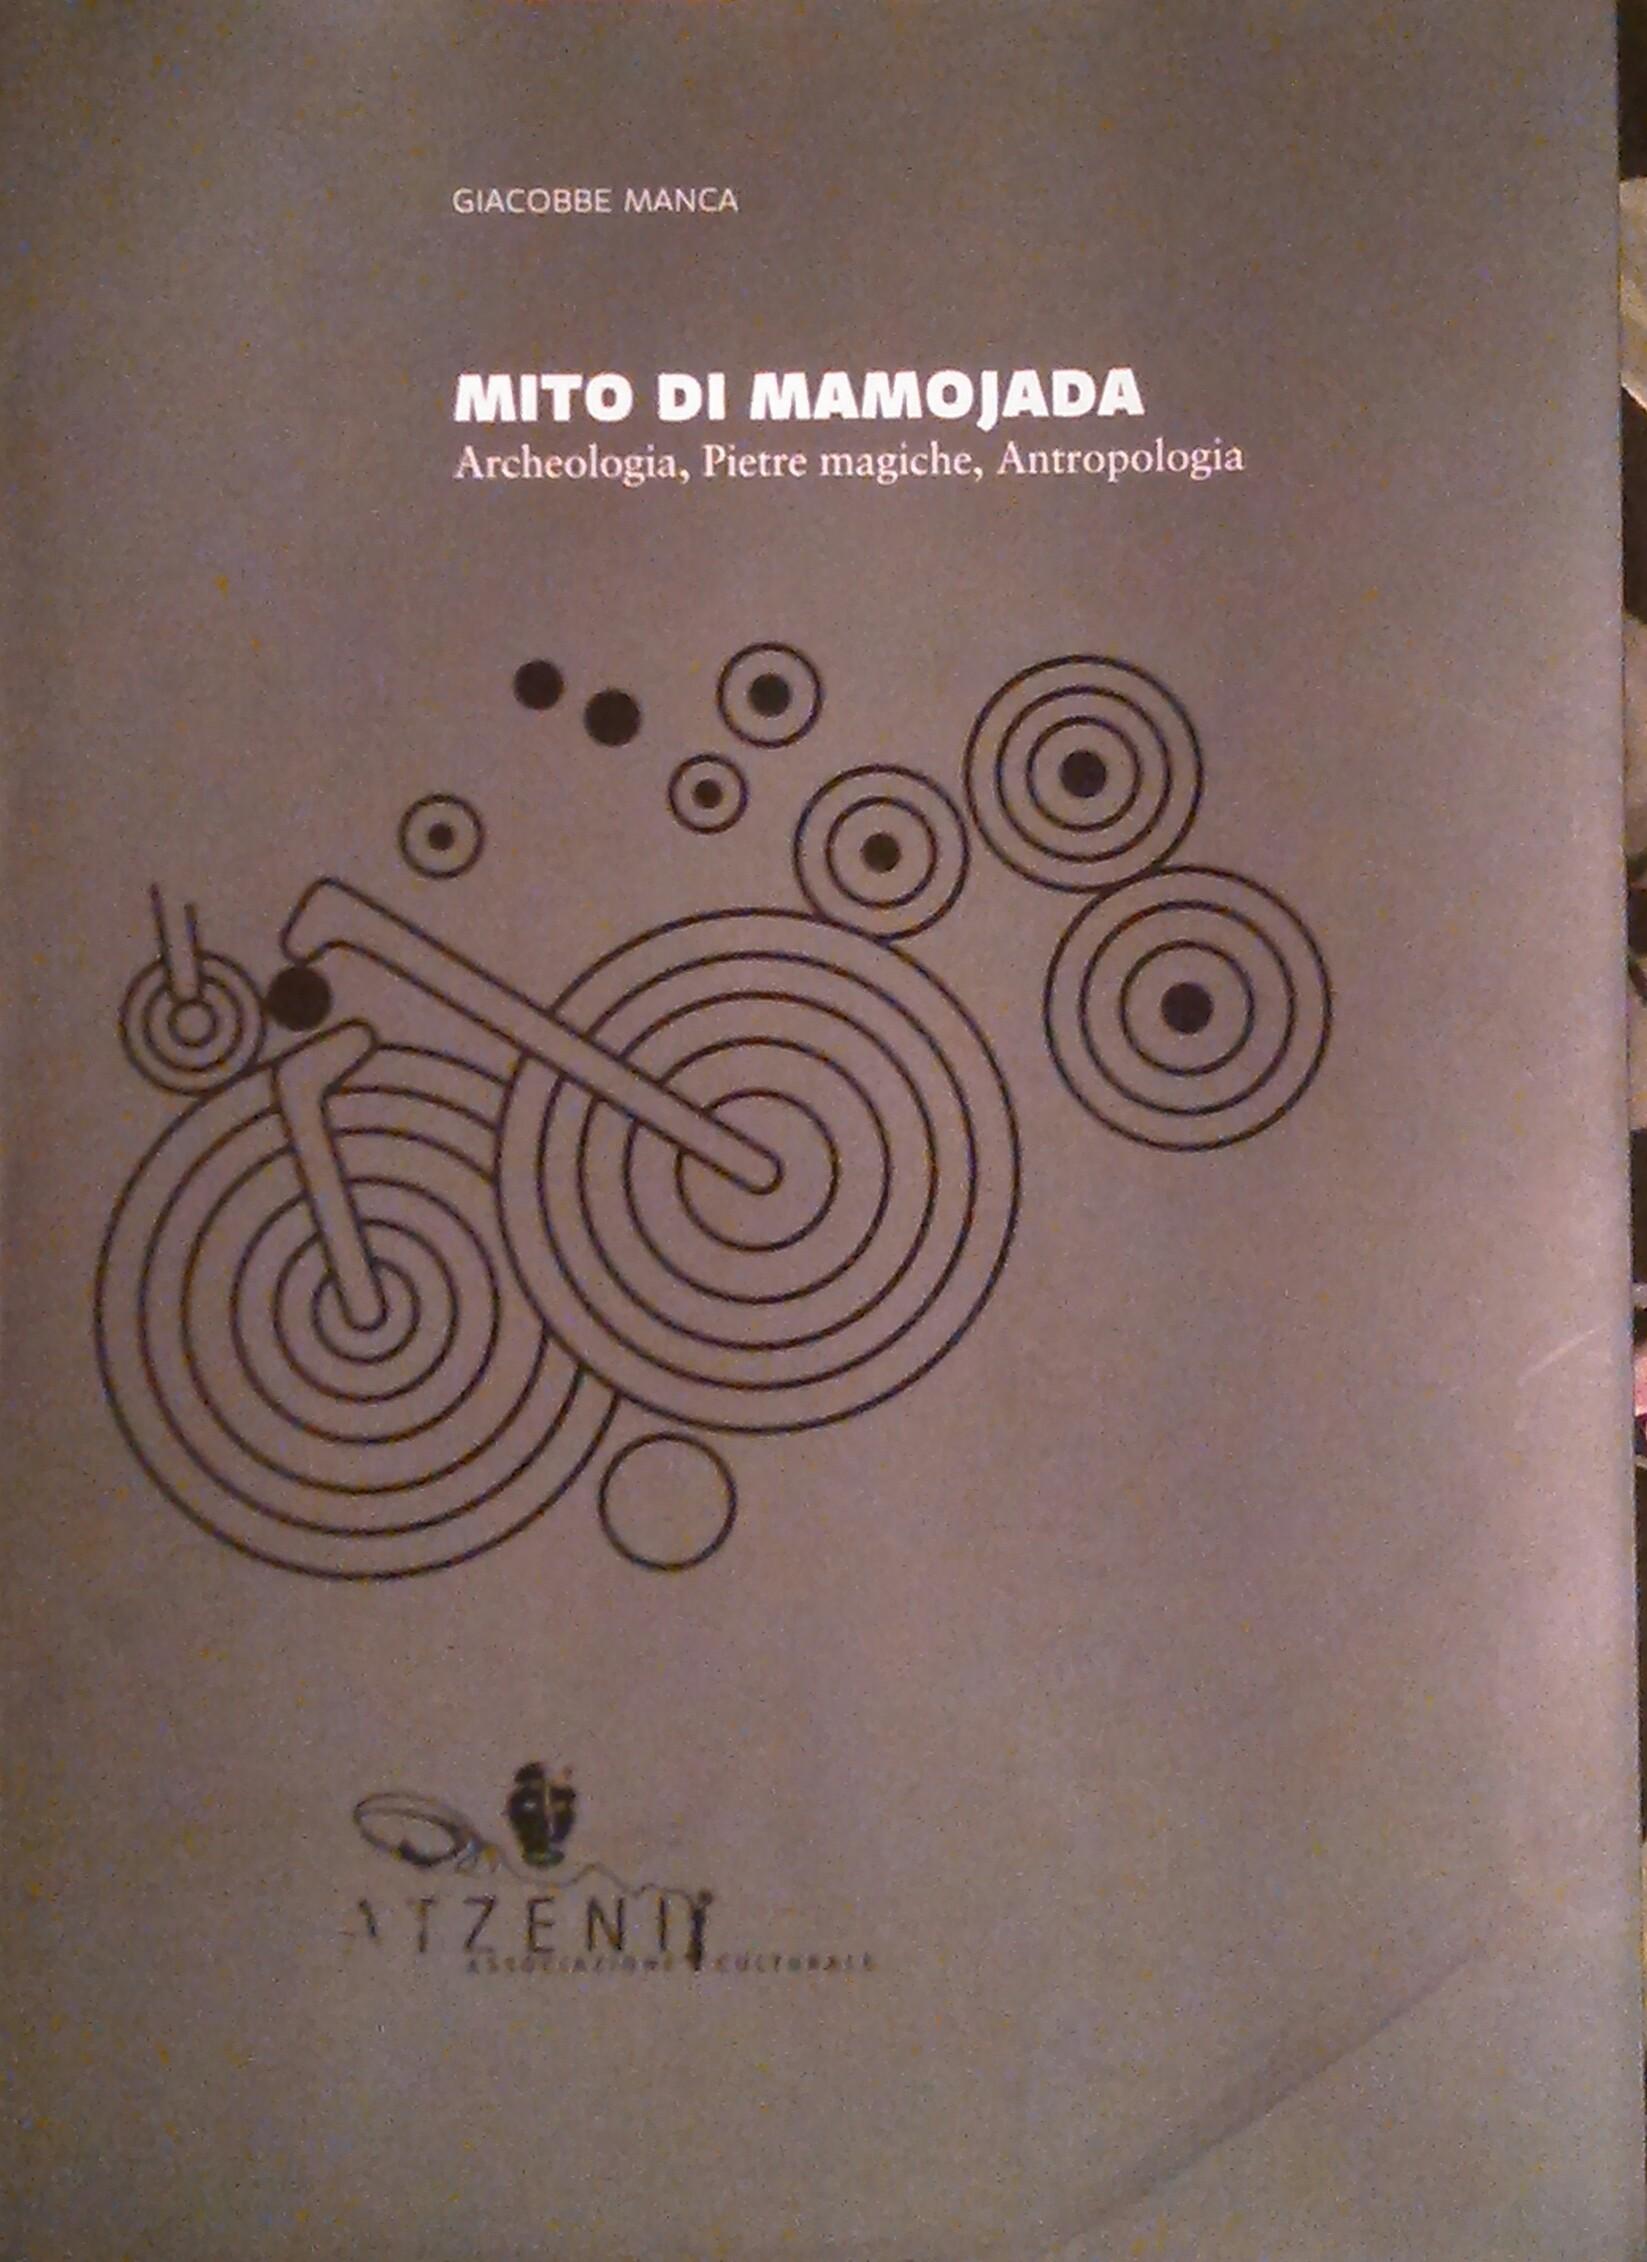 Mito di Mamojada